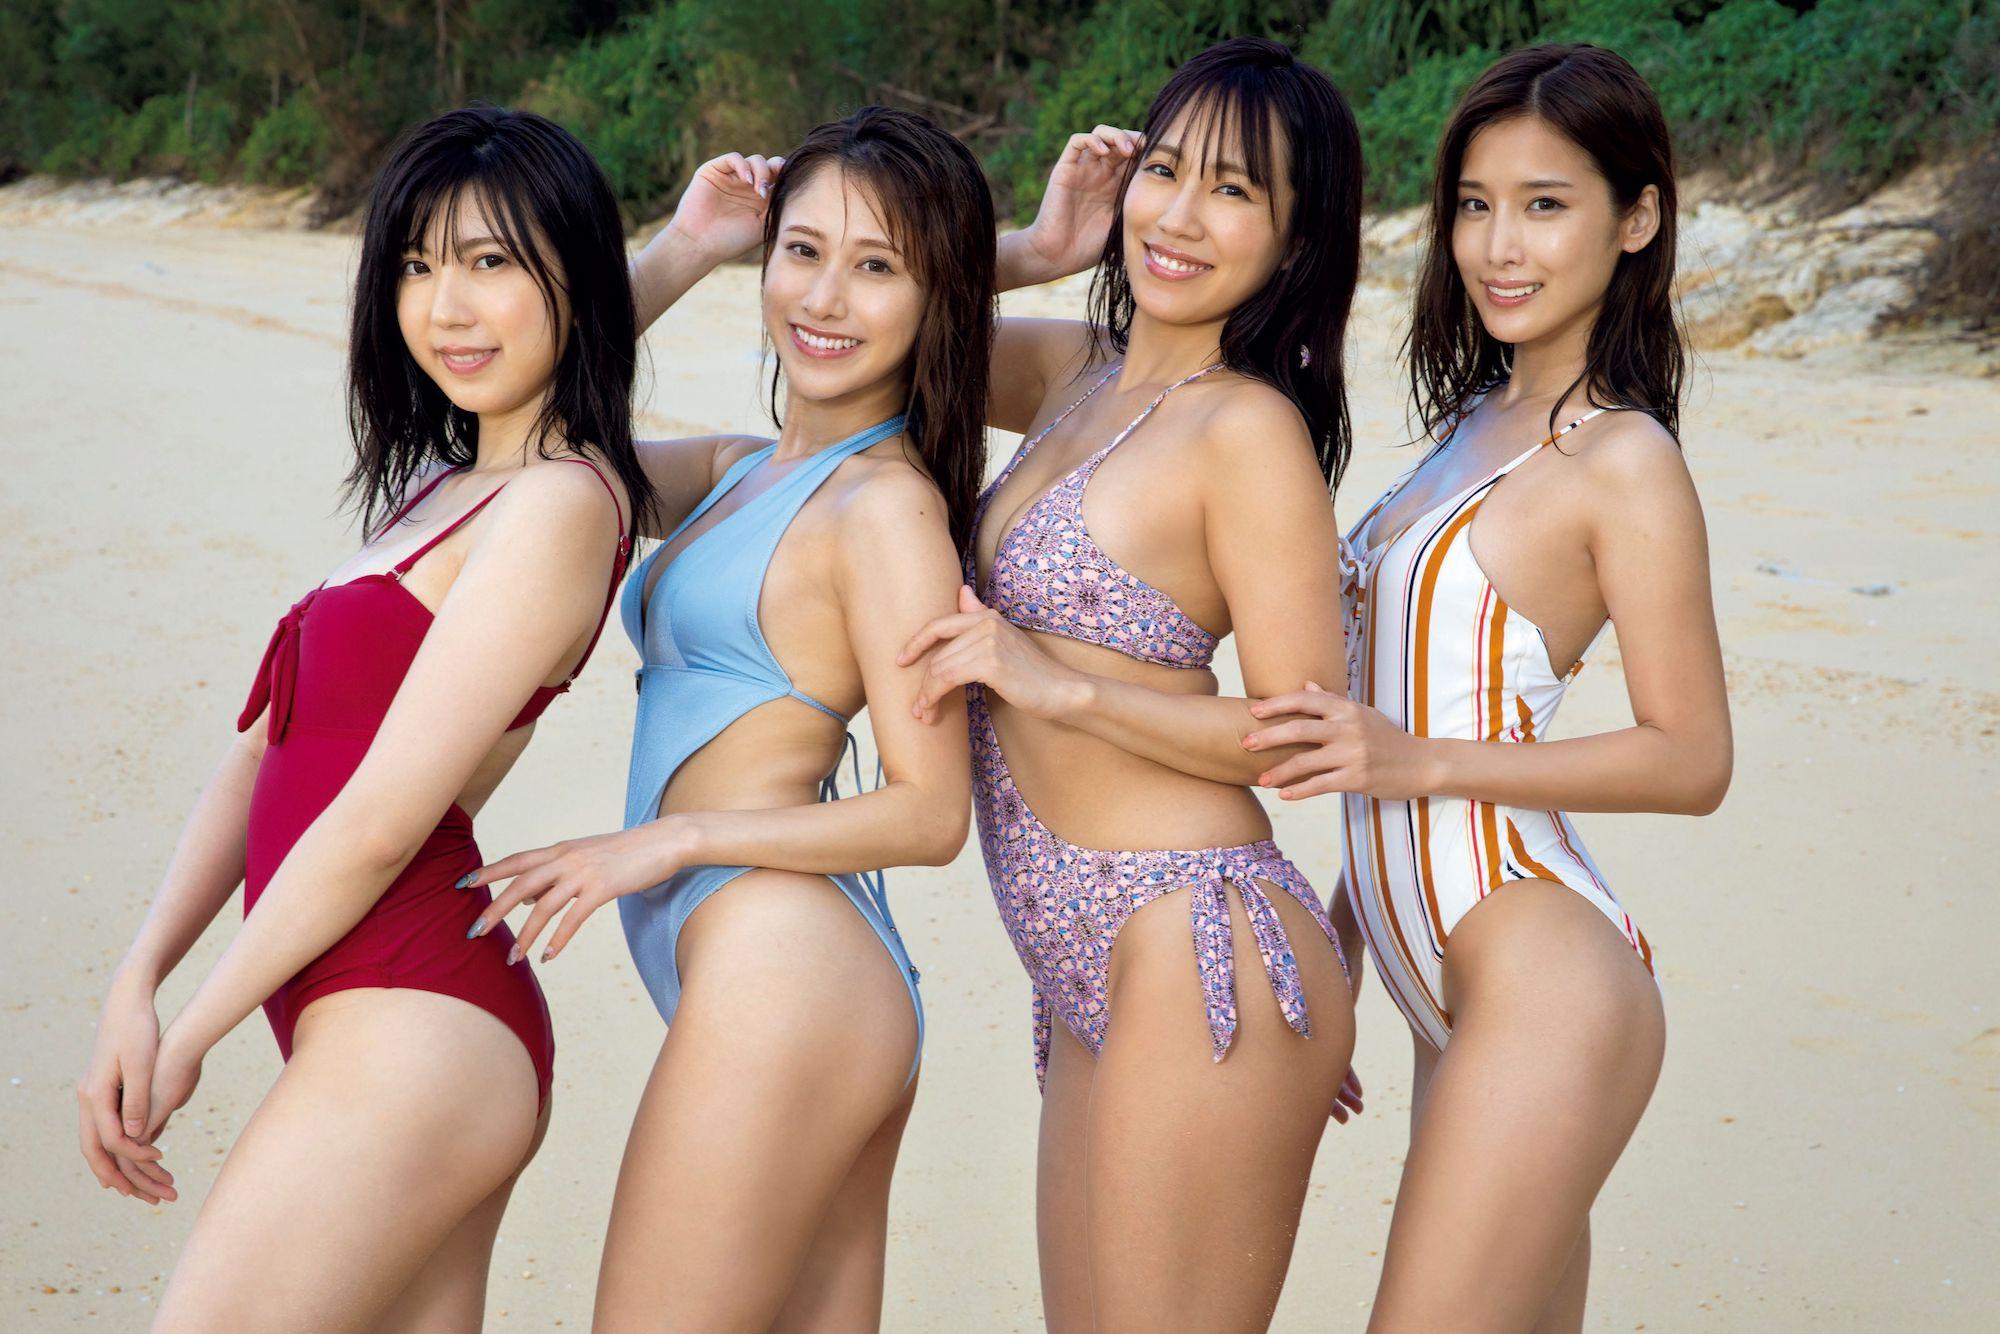 ミスFLASH2021 左から高槻実穂、 名取くるみ、 霧島聖子、 益田アンナ